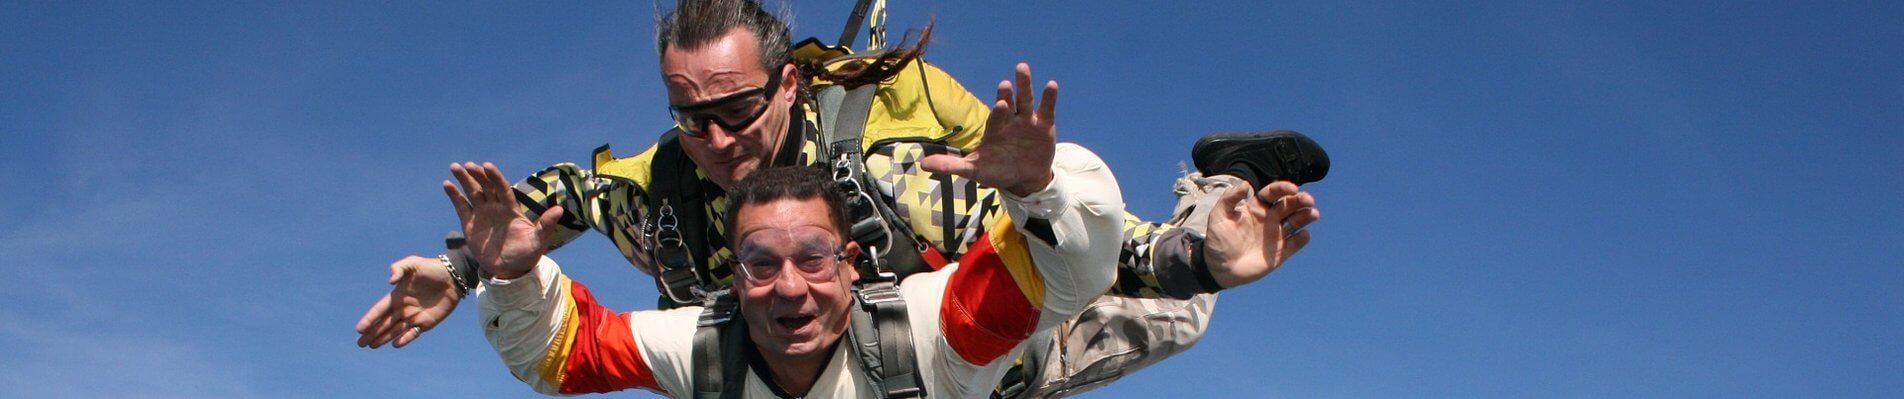 saut en parachute ile de ré